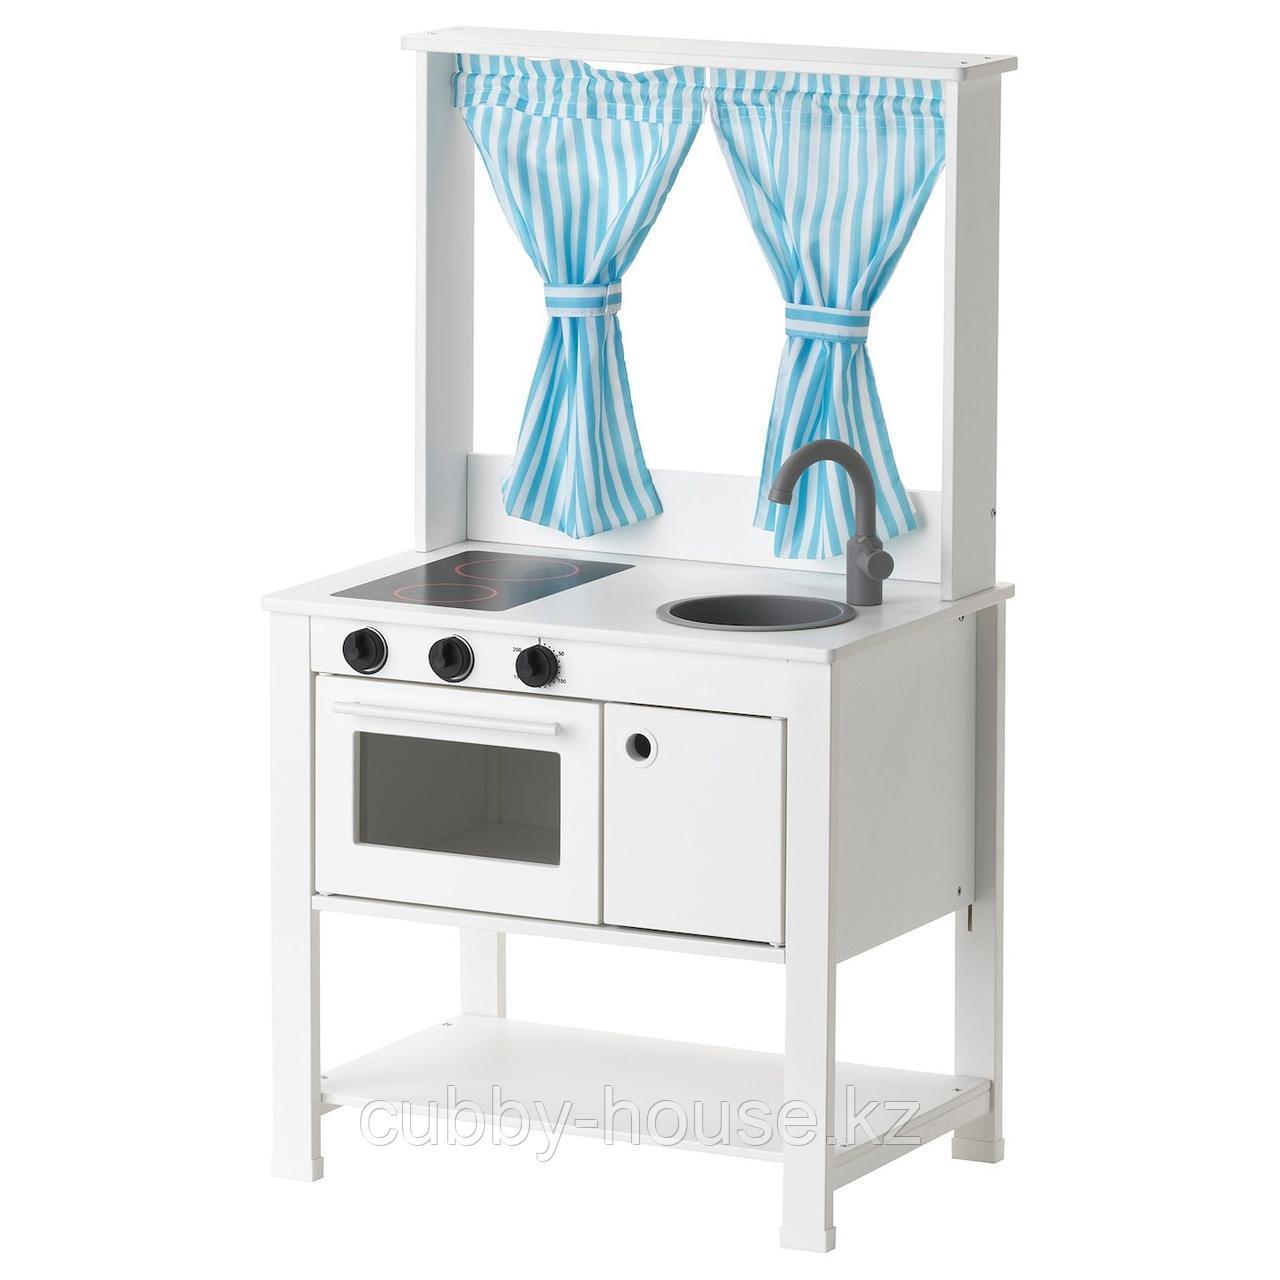 СПАЙСИГ Детская кухня с гардинами, 55x37x98 см